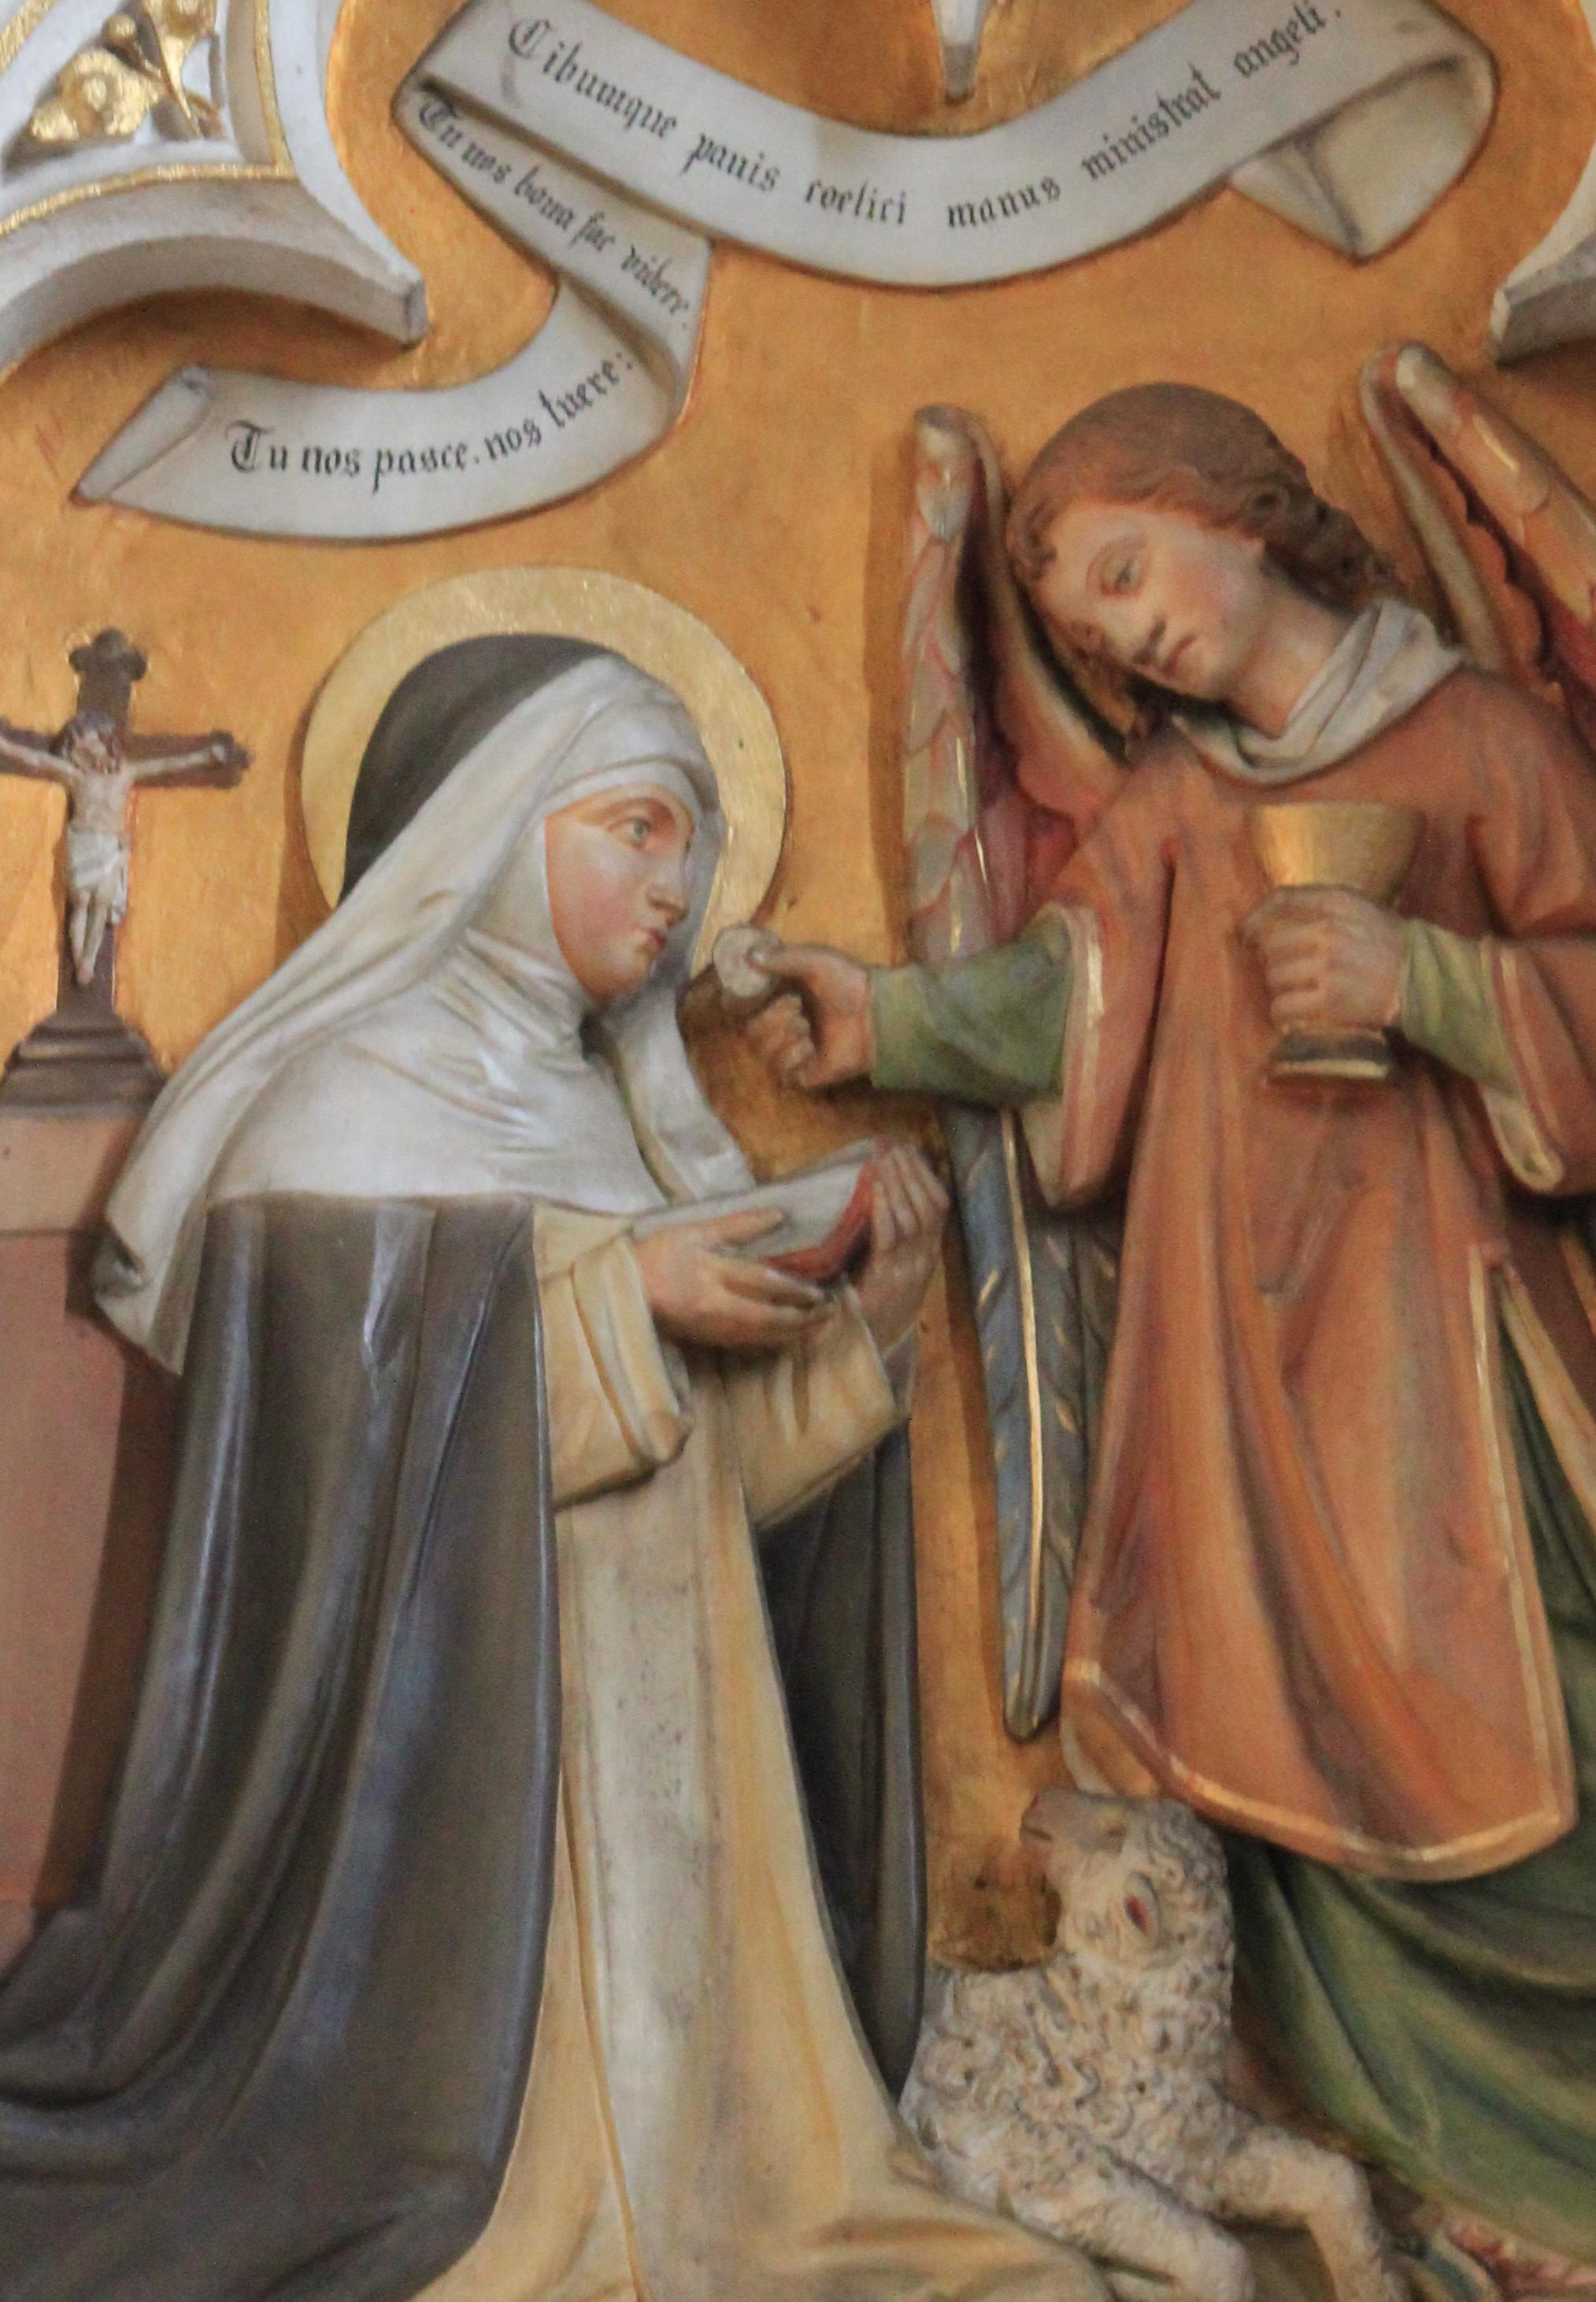 Hochaltarrelief in der Dominikanerkirche Friesach, 19. Jahrhundert (CC0)